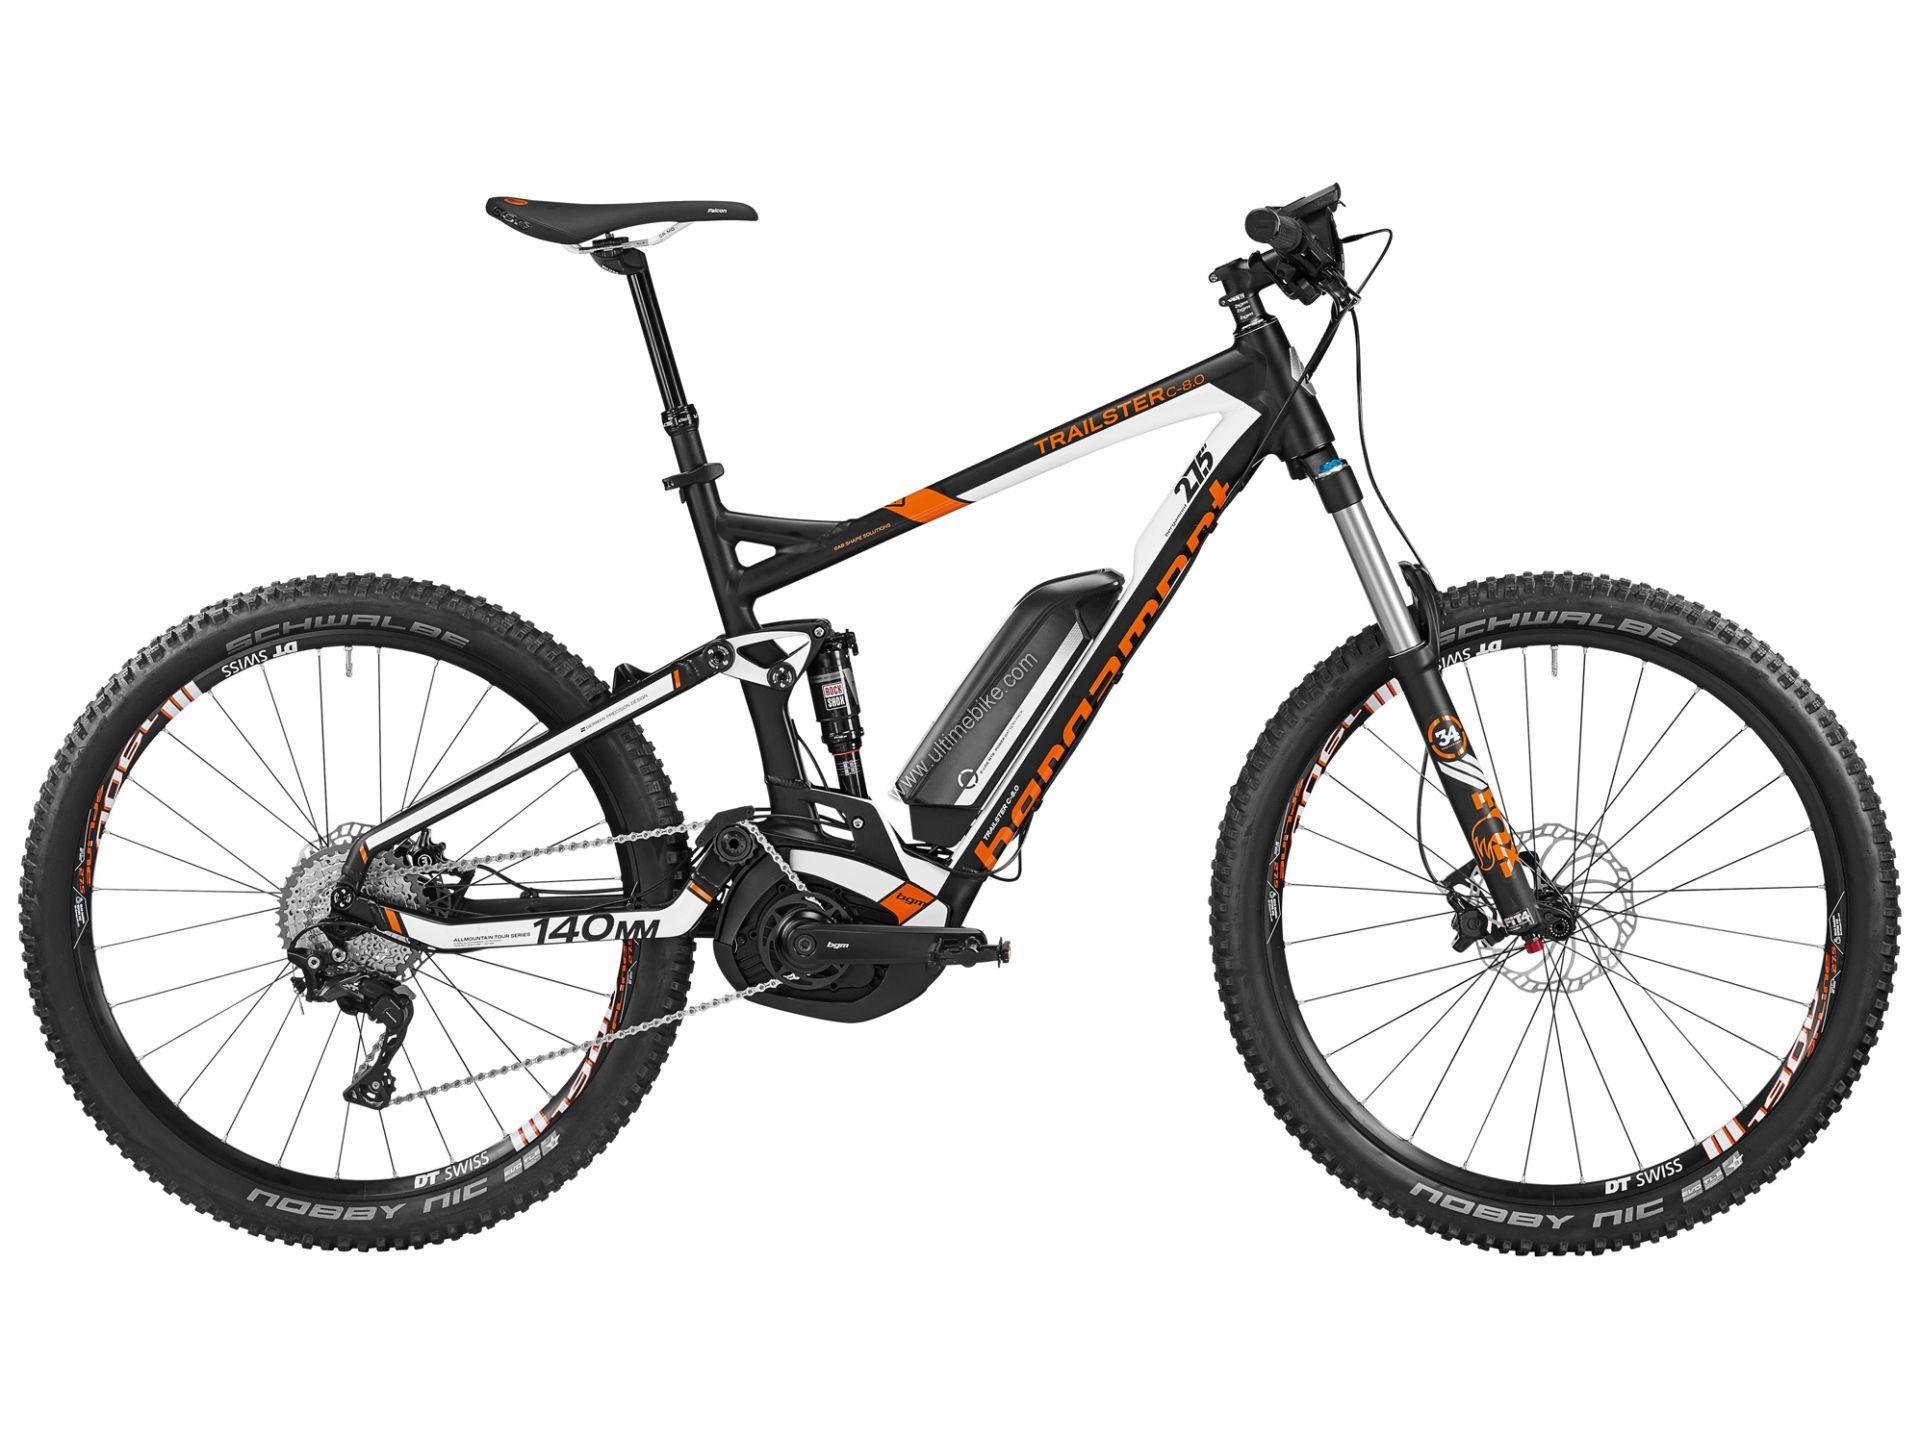 Vtt tout suspendu assistance lectrique vtt en vente sur ultime bike - Assistance electrique vtt ...